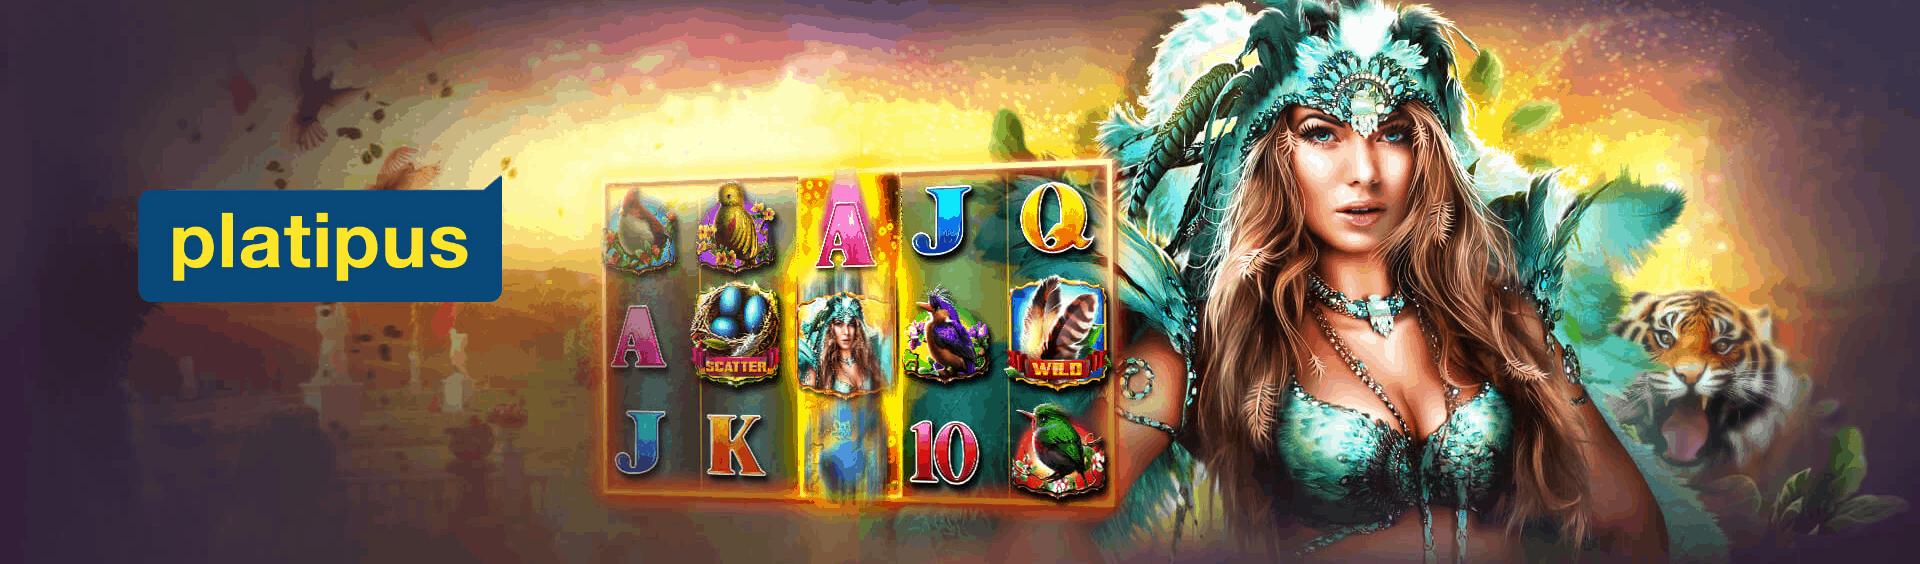 Platipus Casinos